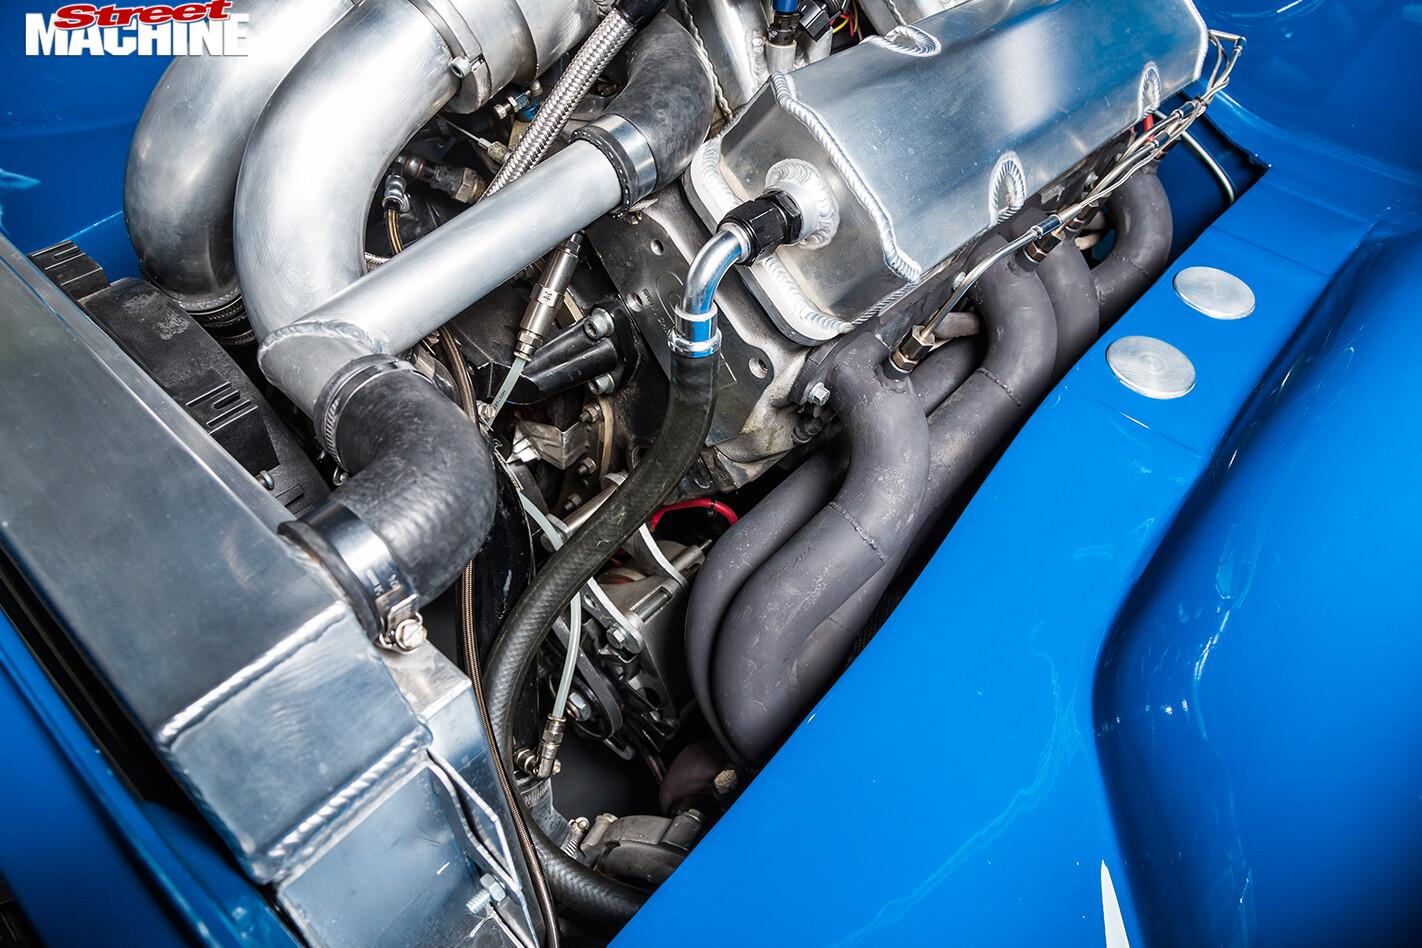 Holden -LH-Torana -engine -detail -2